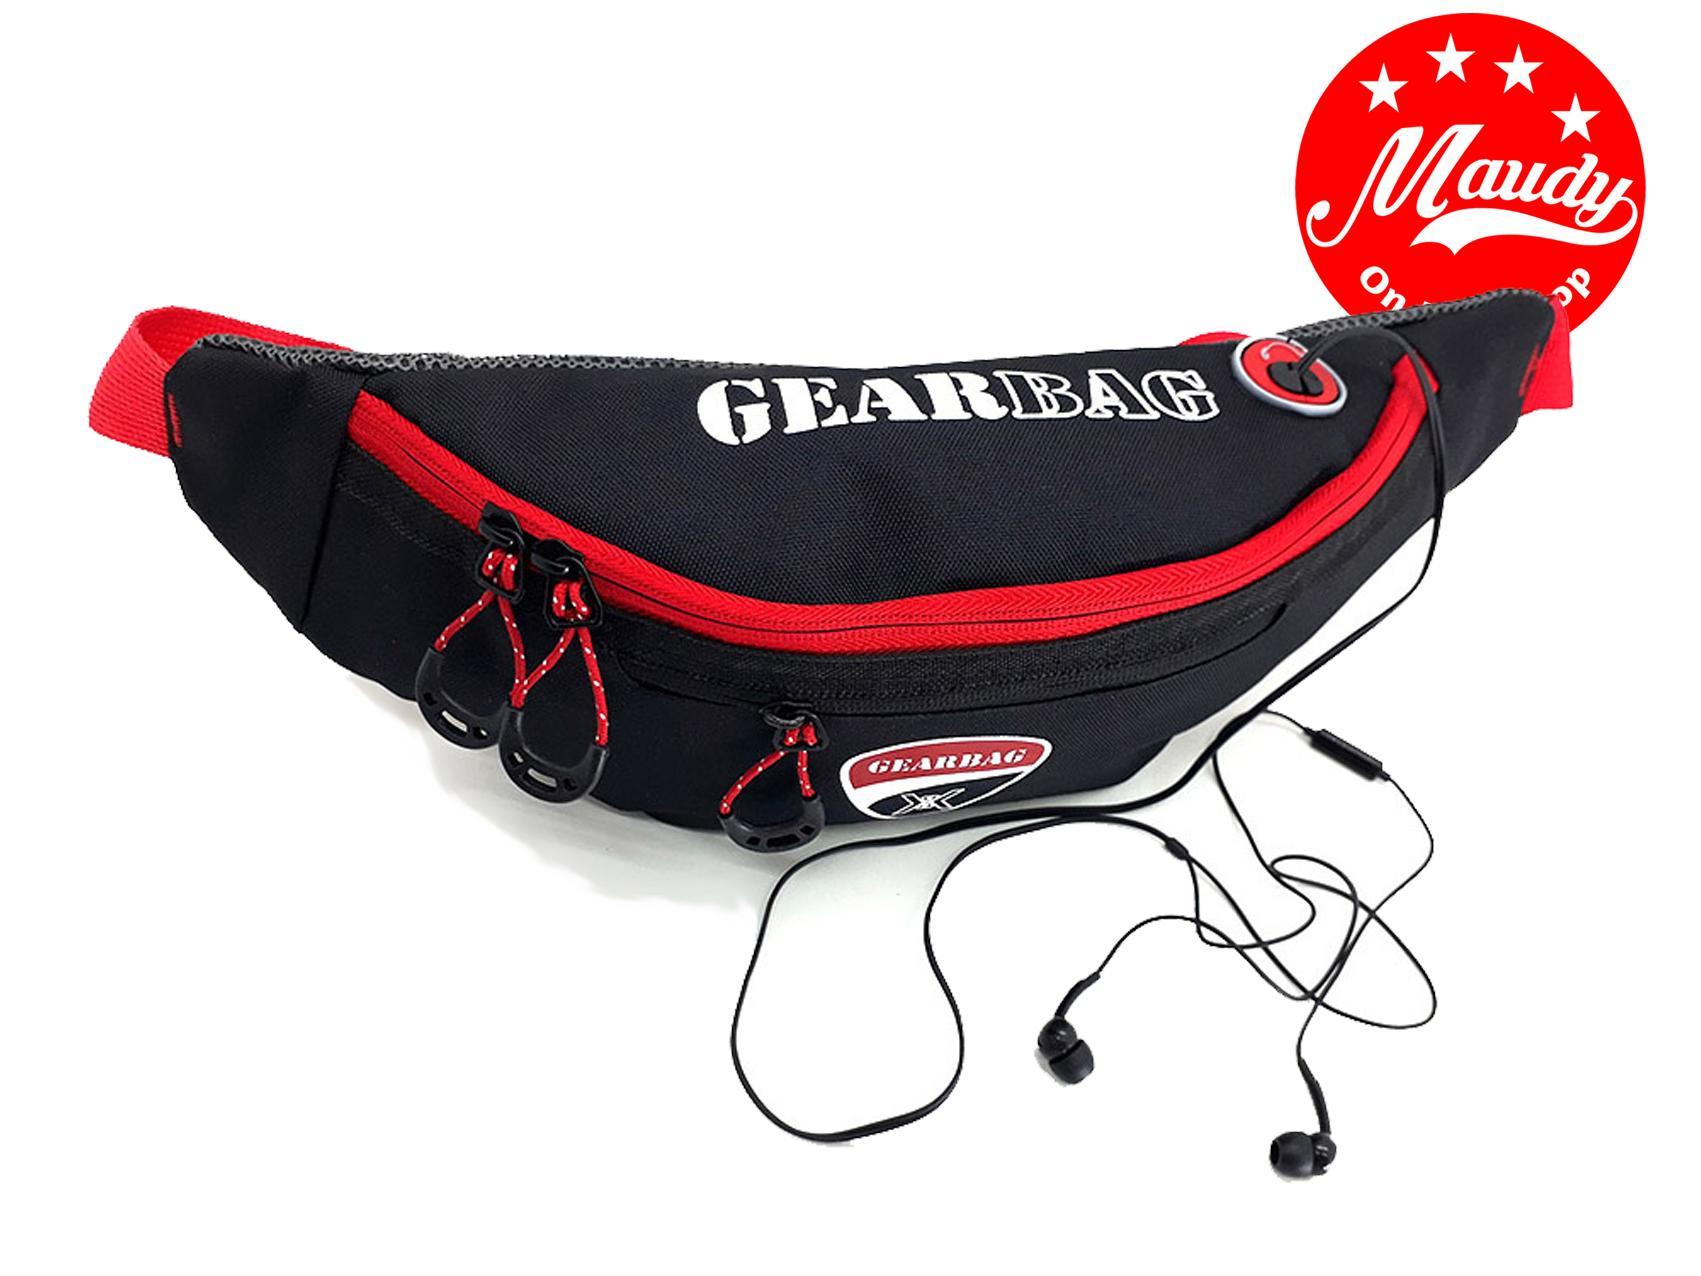 waist bag sling bag tas selempang pria tas pinggang pria tas distro gear bag